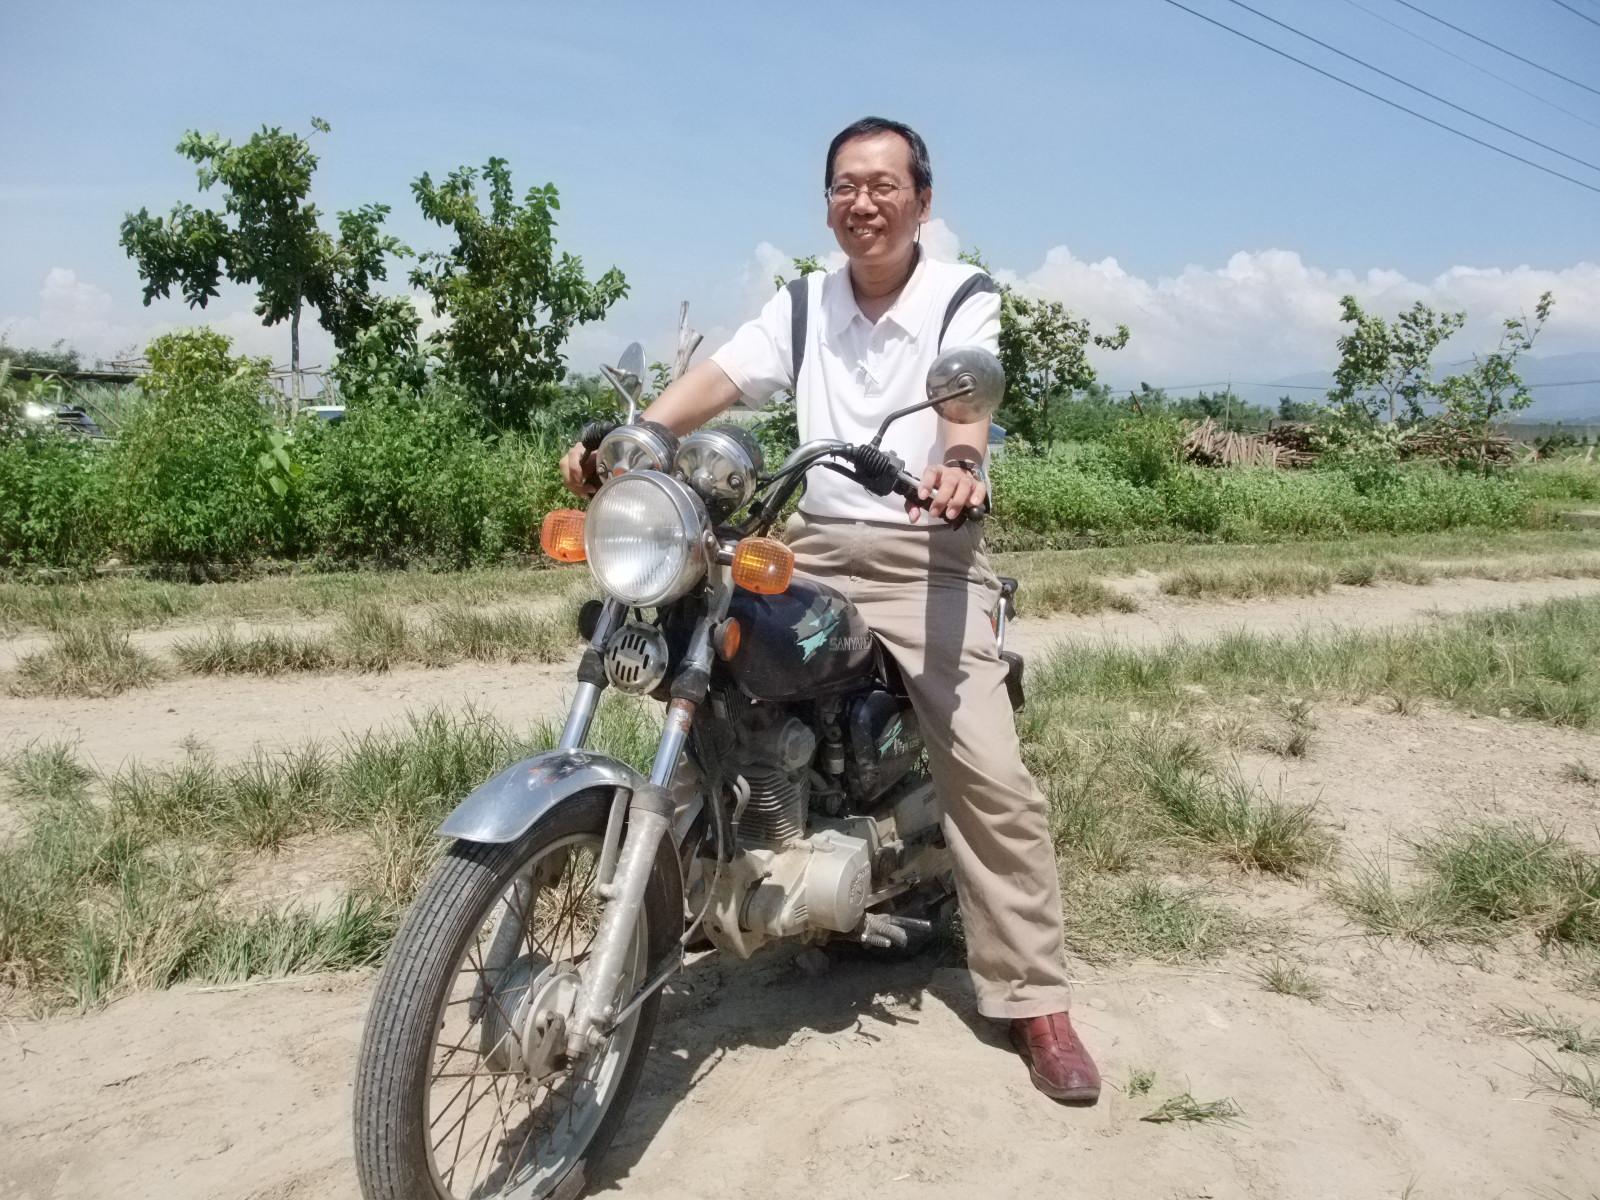 「誠信共購」的第一把菜,是盧嘉東騎著摩托車,將從東勢坐客運來的菜載回南京東路辦公室。